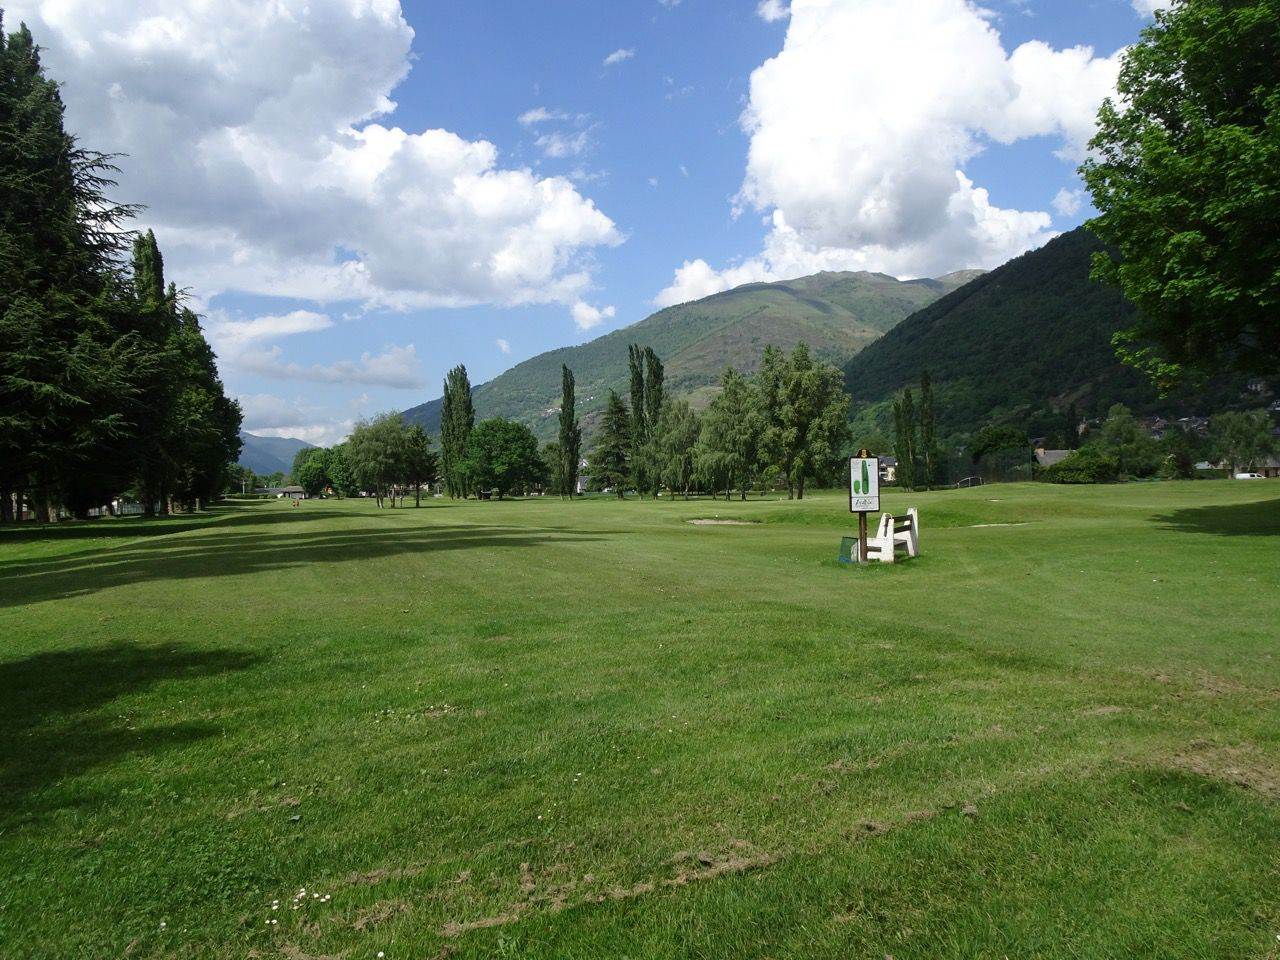 Déconfinement : reprise du golf le 11 mai... mais pas à Luchon